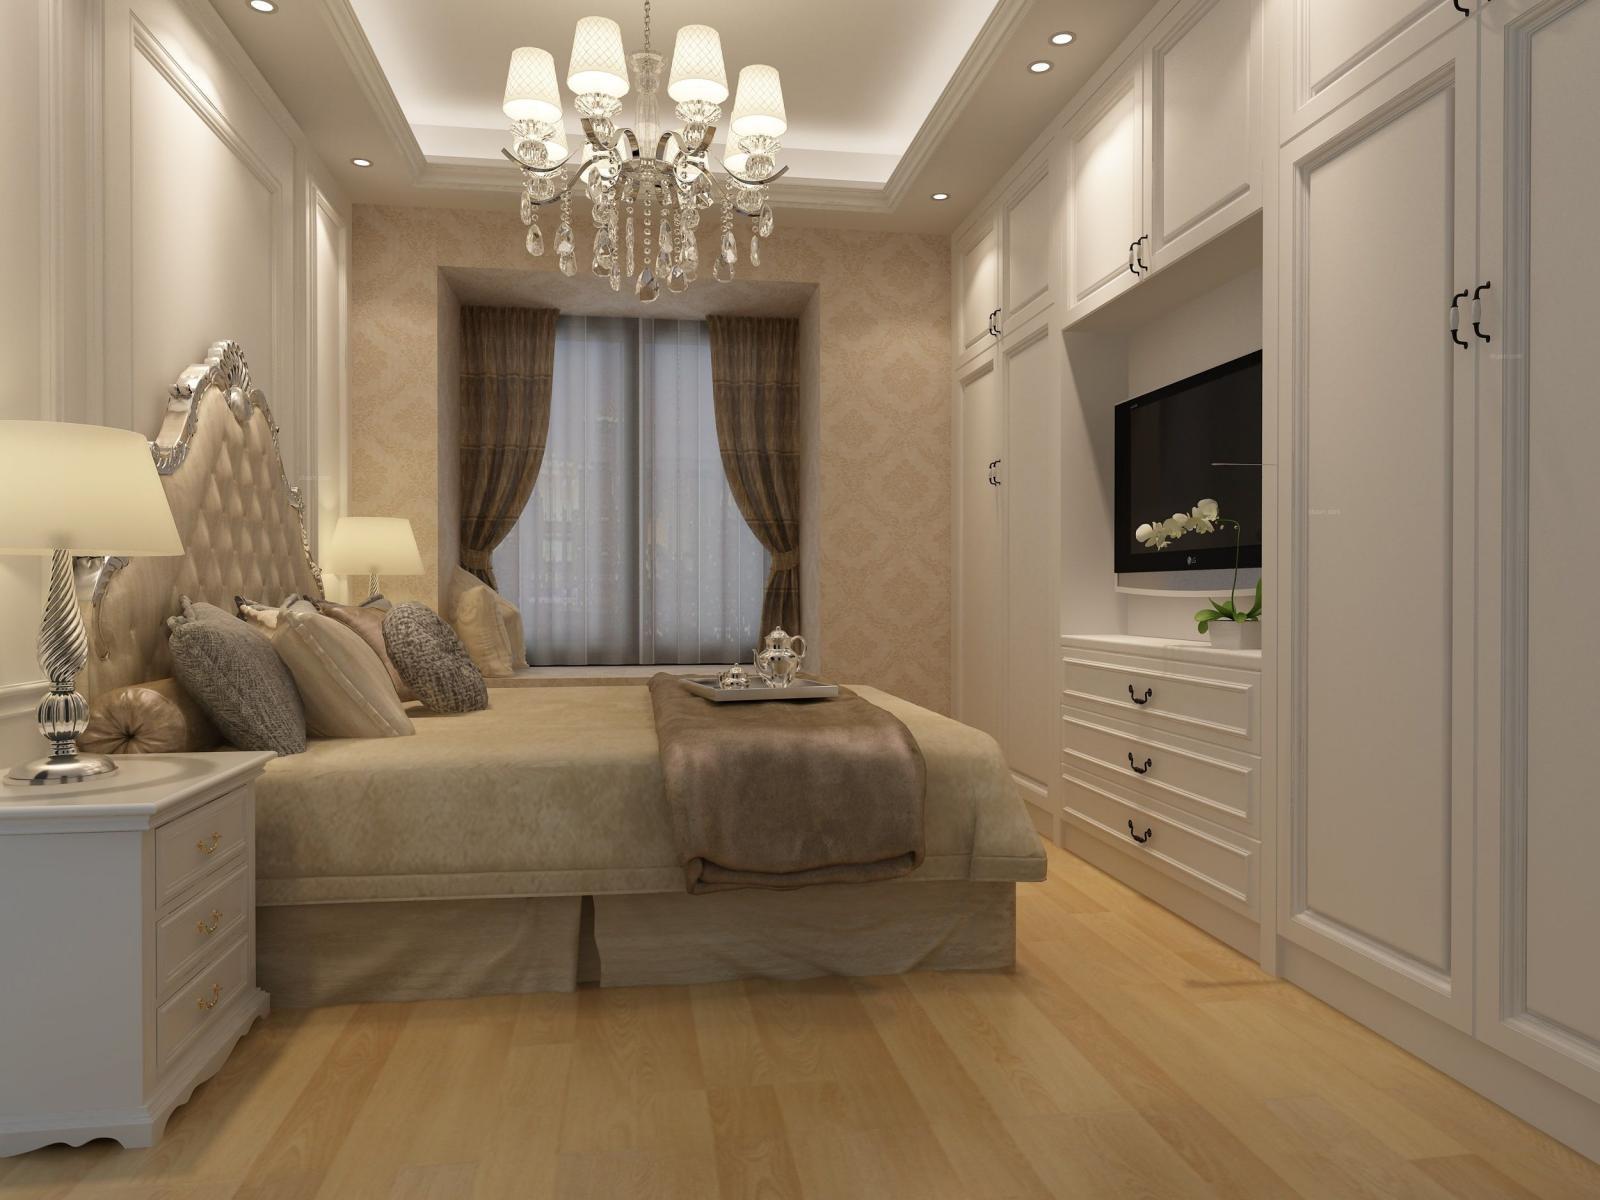 四居室欧式风格主卧室卧室背景墙图片